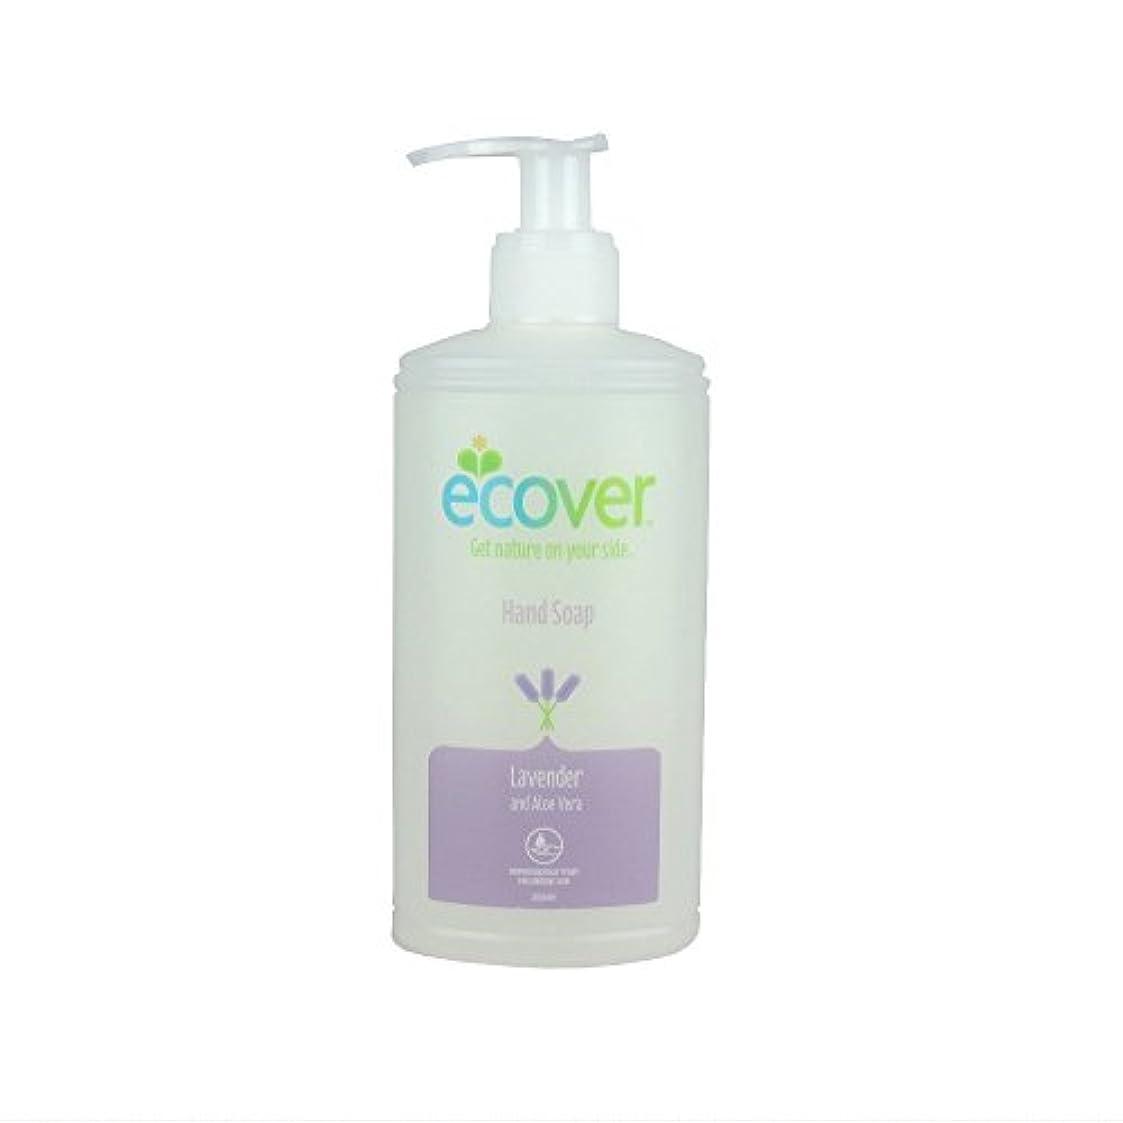 名義で梨リーフレットEcover Liquid Hand Soap Lavender & Aloe Vera (250ml) 液体ハンドソープラベンダーとアロエベラ( 250ミリリットル)をエコベール